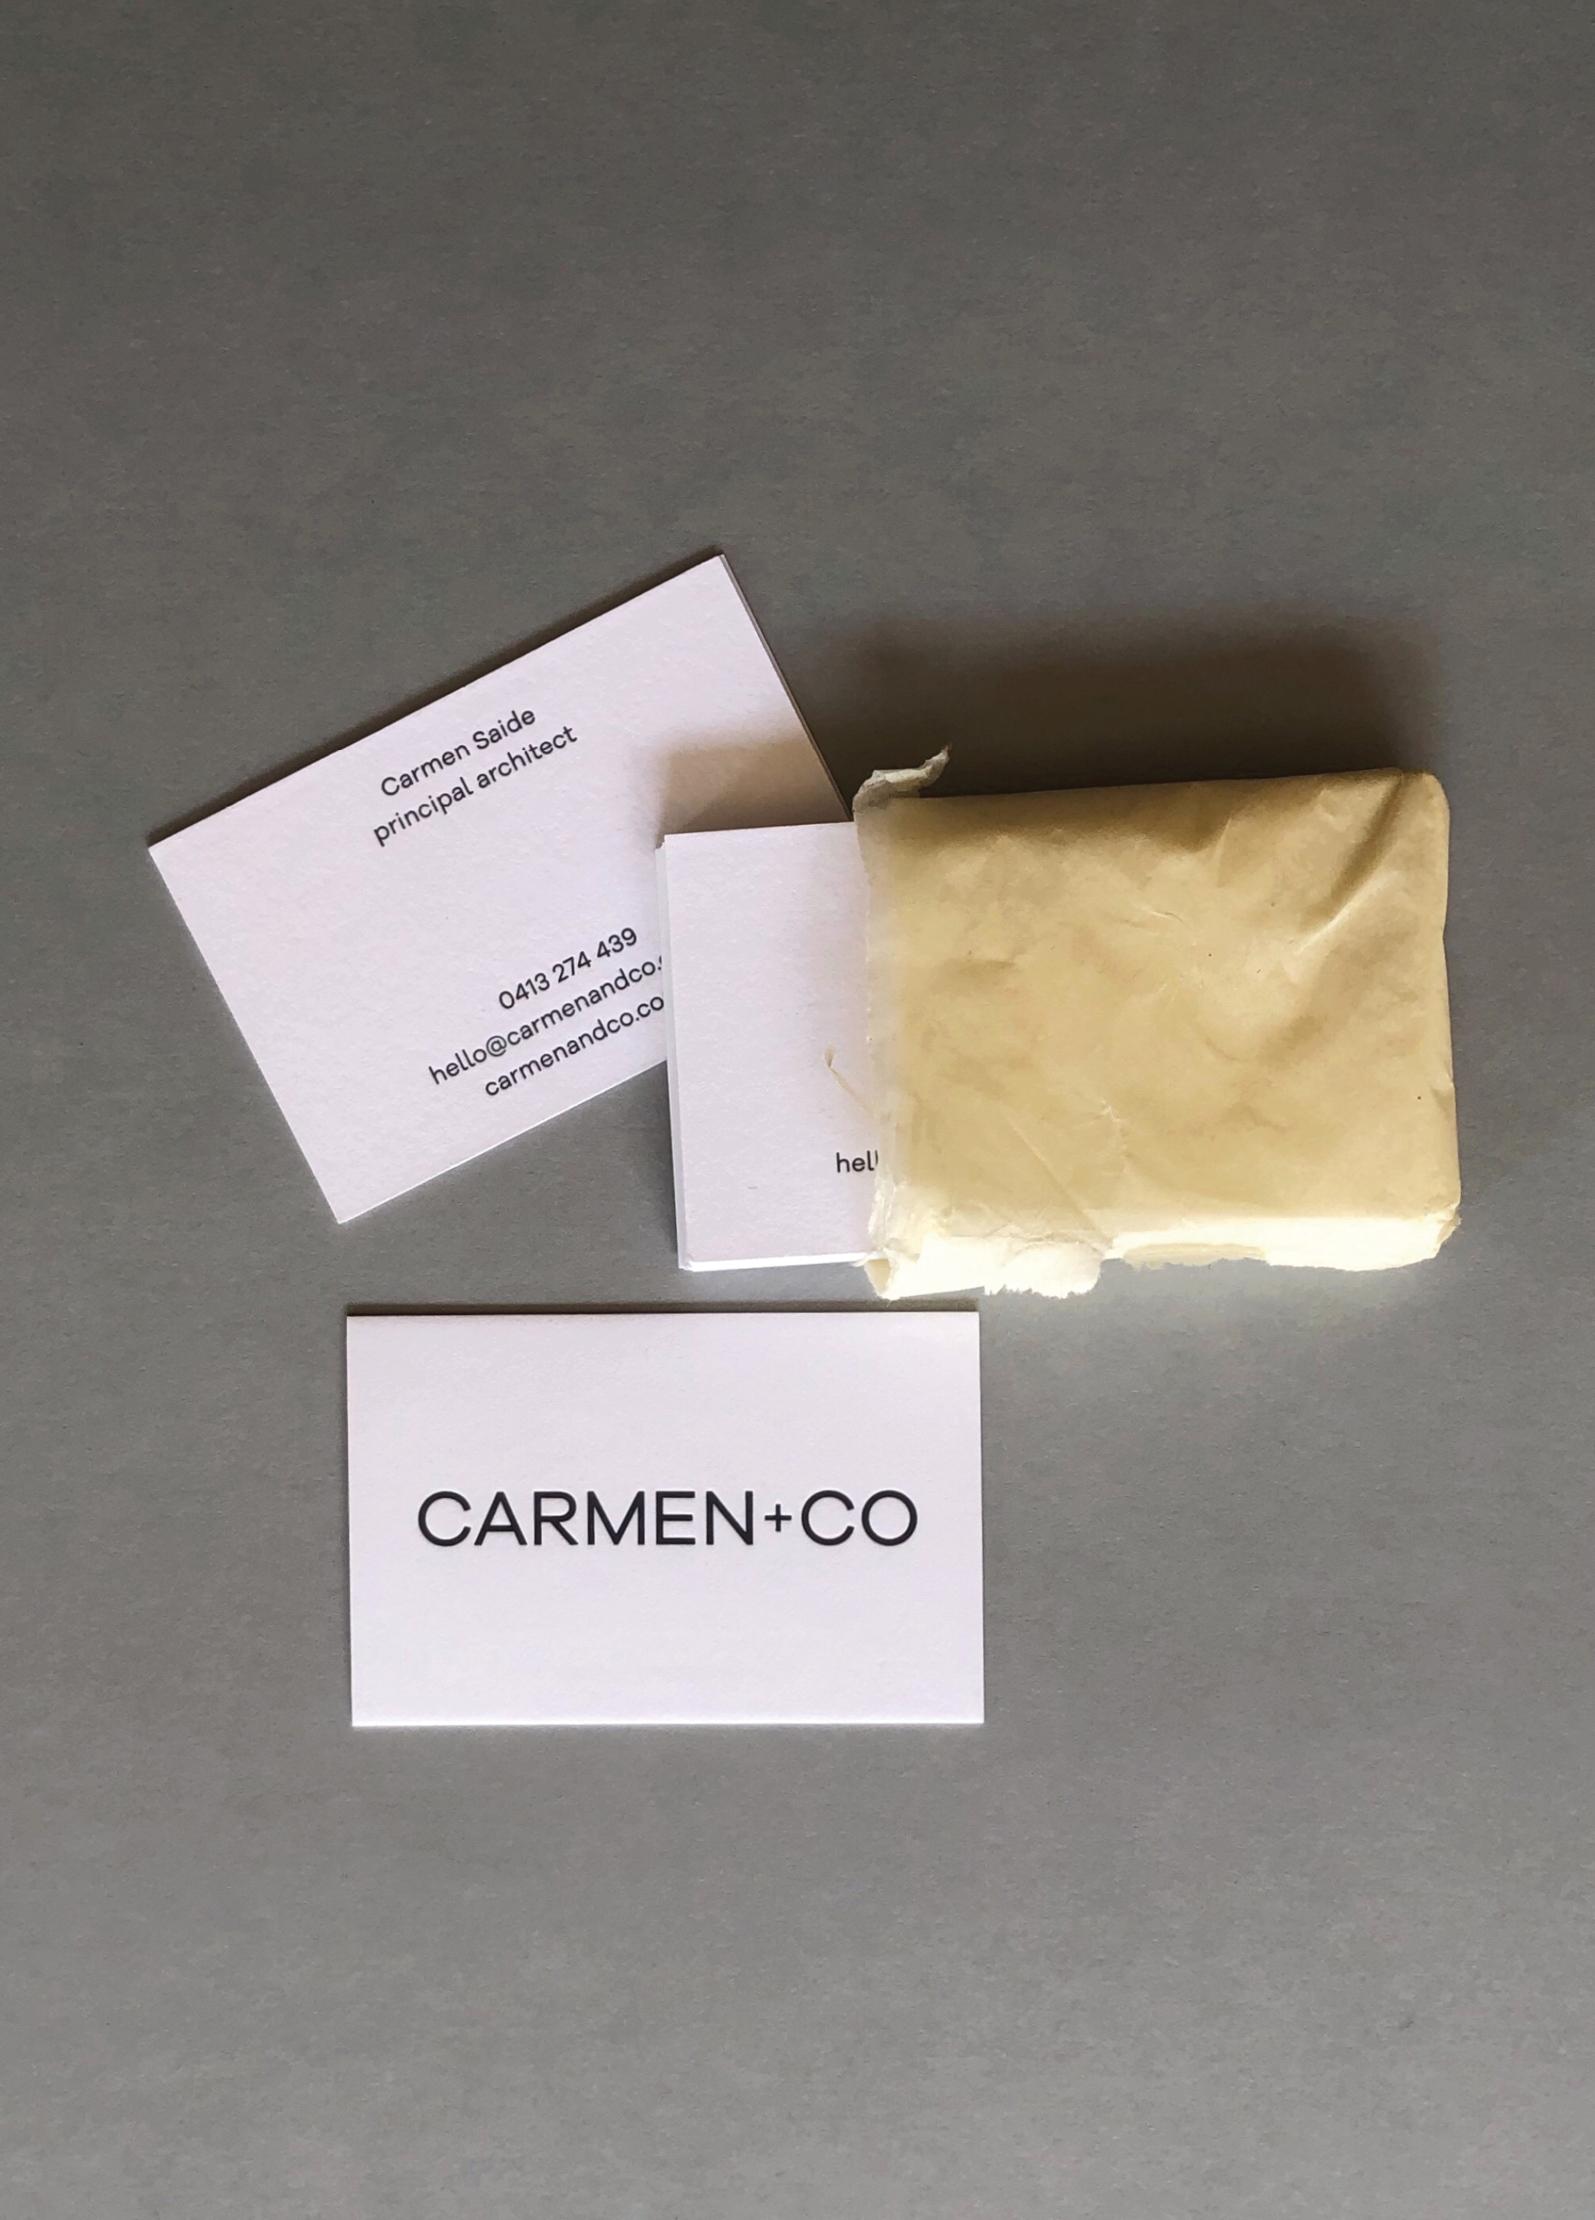 Letterpress business cards for  Carmen+Co